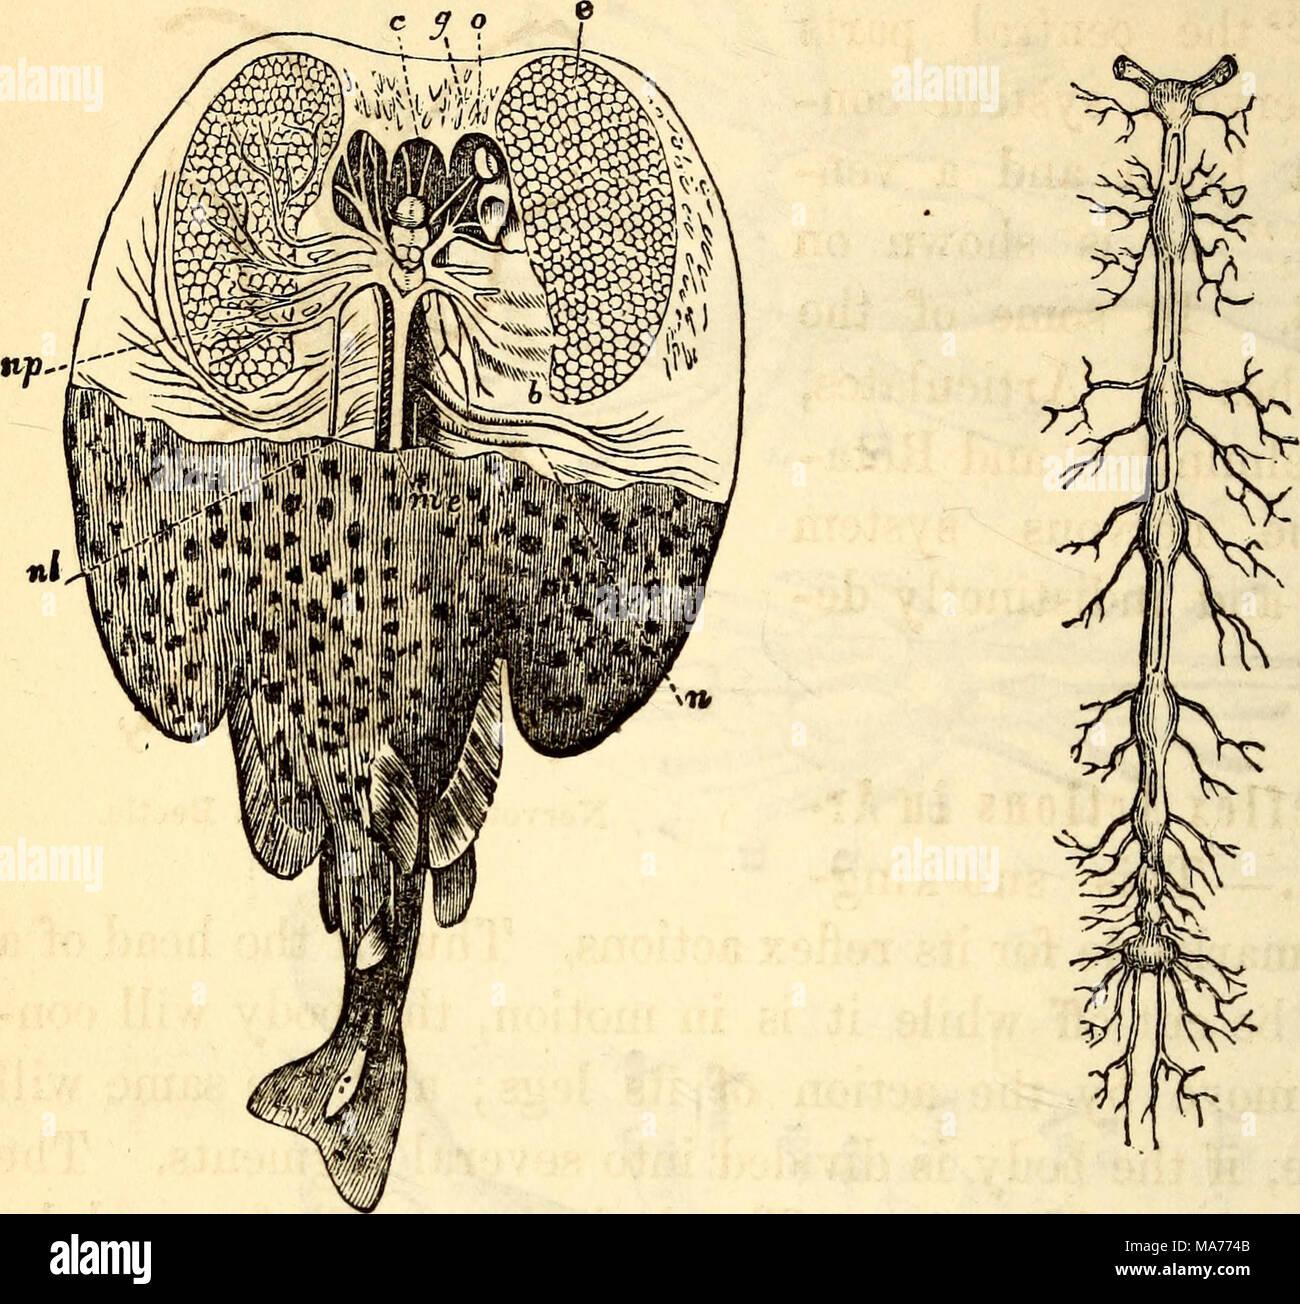 Dorable Peces Cráneo Anatomía Componente - Anatomía de Las ...